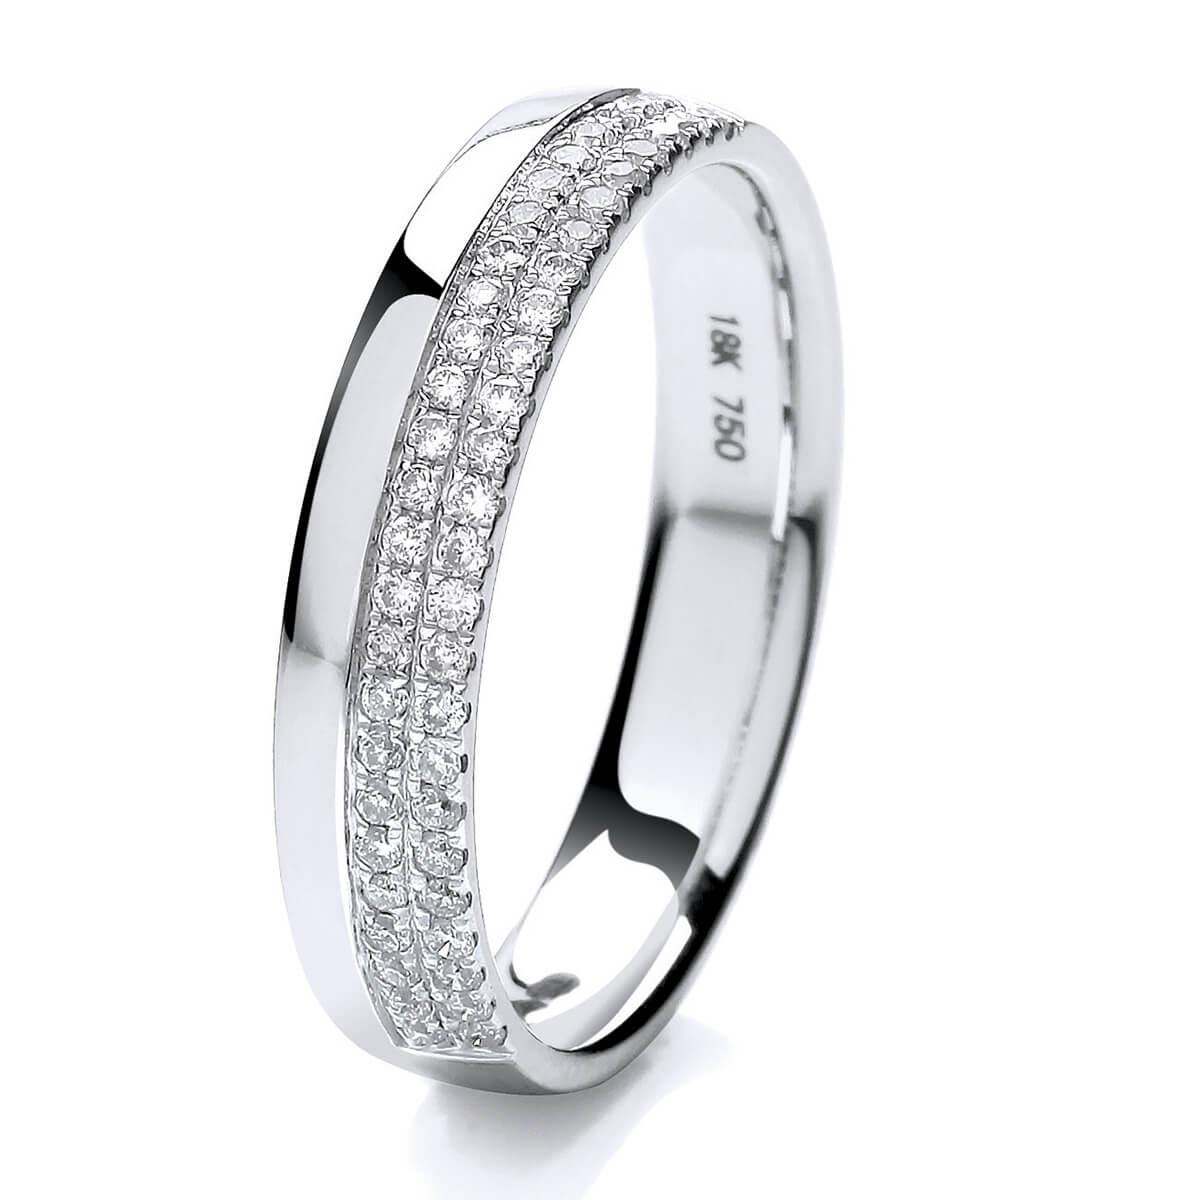 18ct White Gold Two Row Micro Set Diamond Wedding Ring